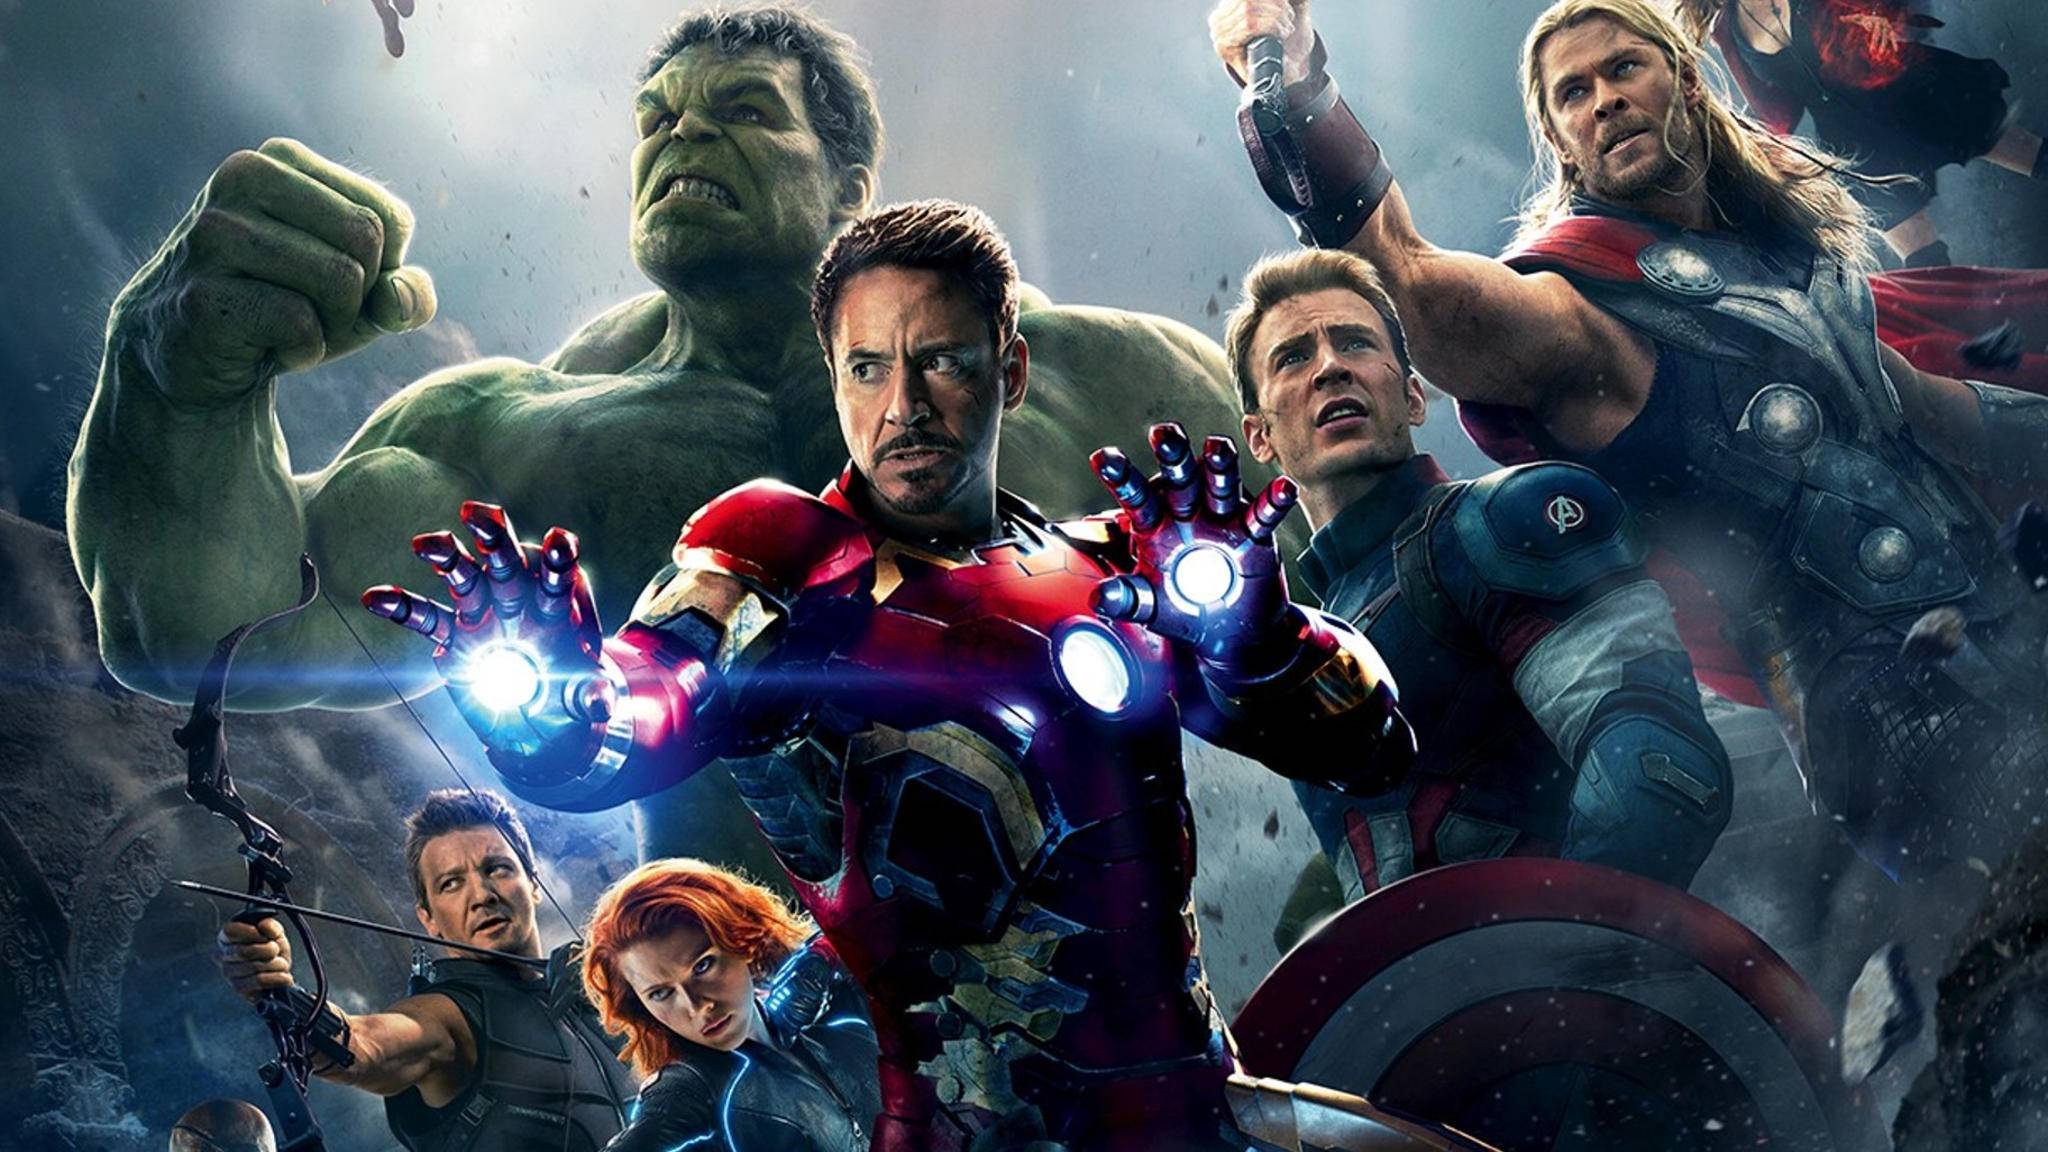 """Wer überlebt den Kampf in """"Avengers 4"""" und von welchen Charakteren müssen wir uns endgültig verabschieden?"""